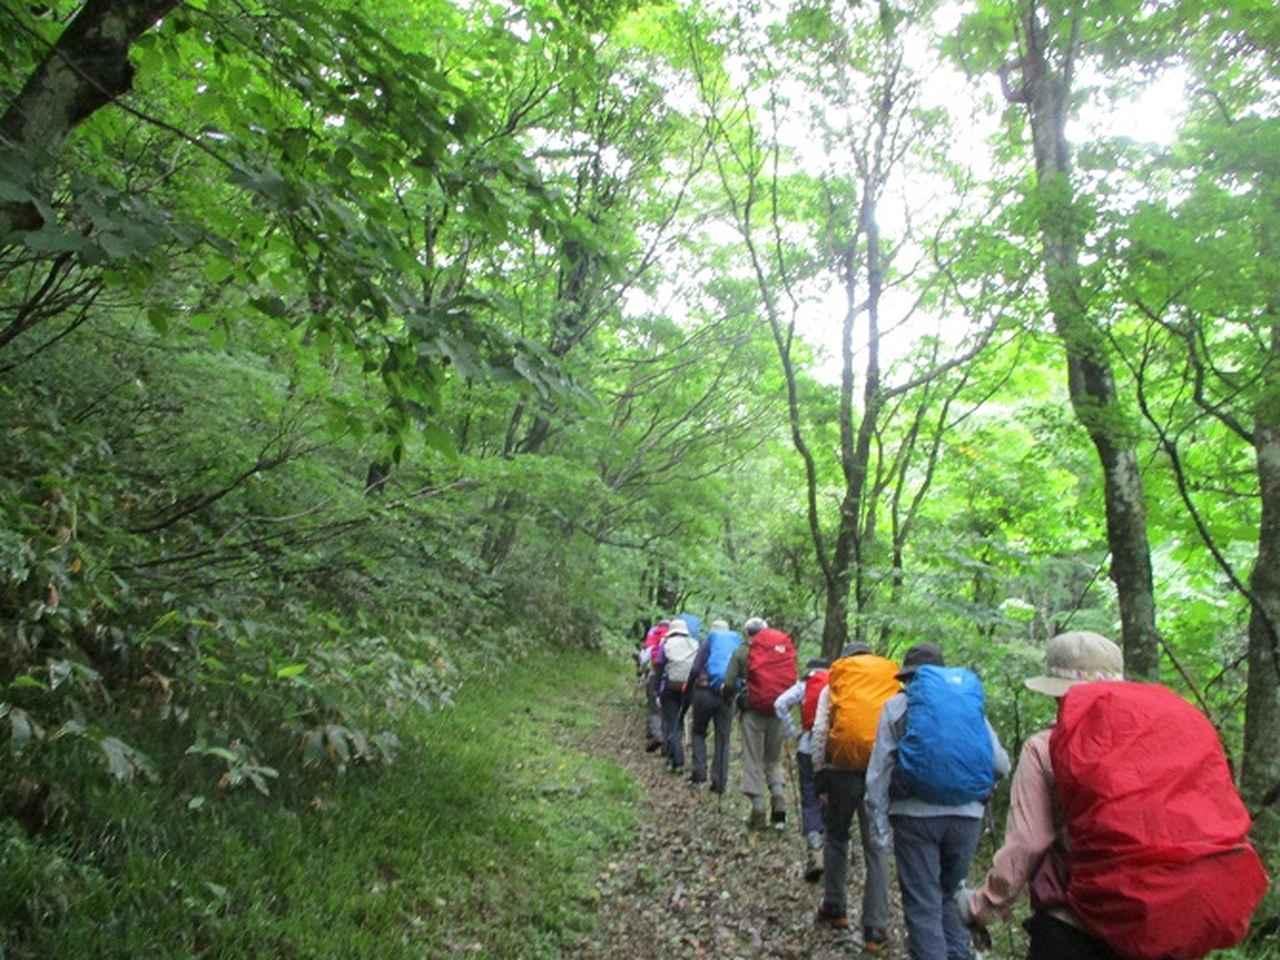 画像1: 7月16日より2泊3日で山旅会 「三国山と苗場山」 ツアーに行ってきました!